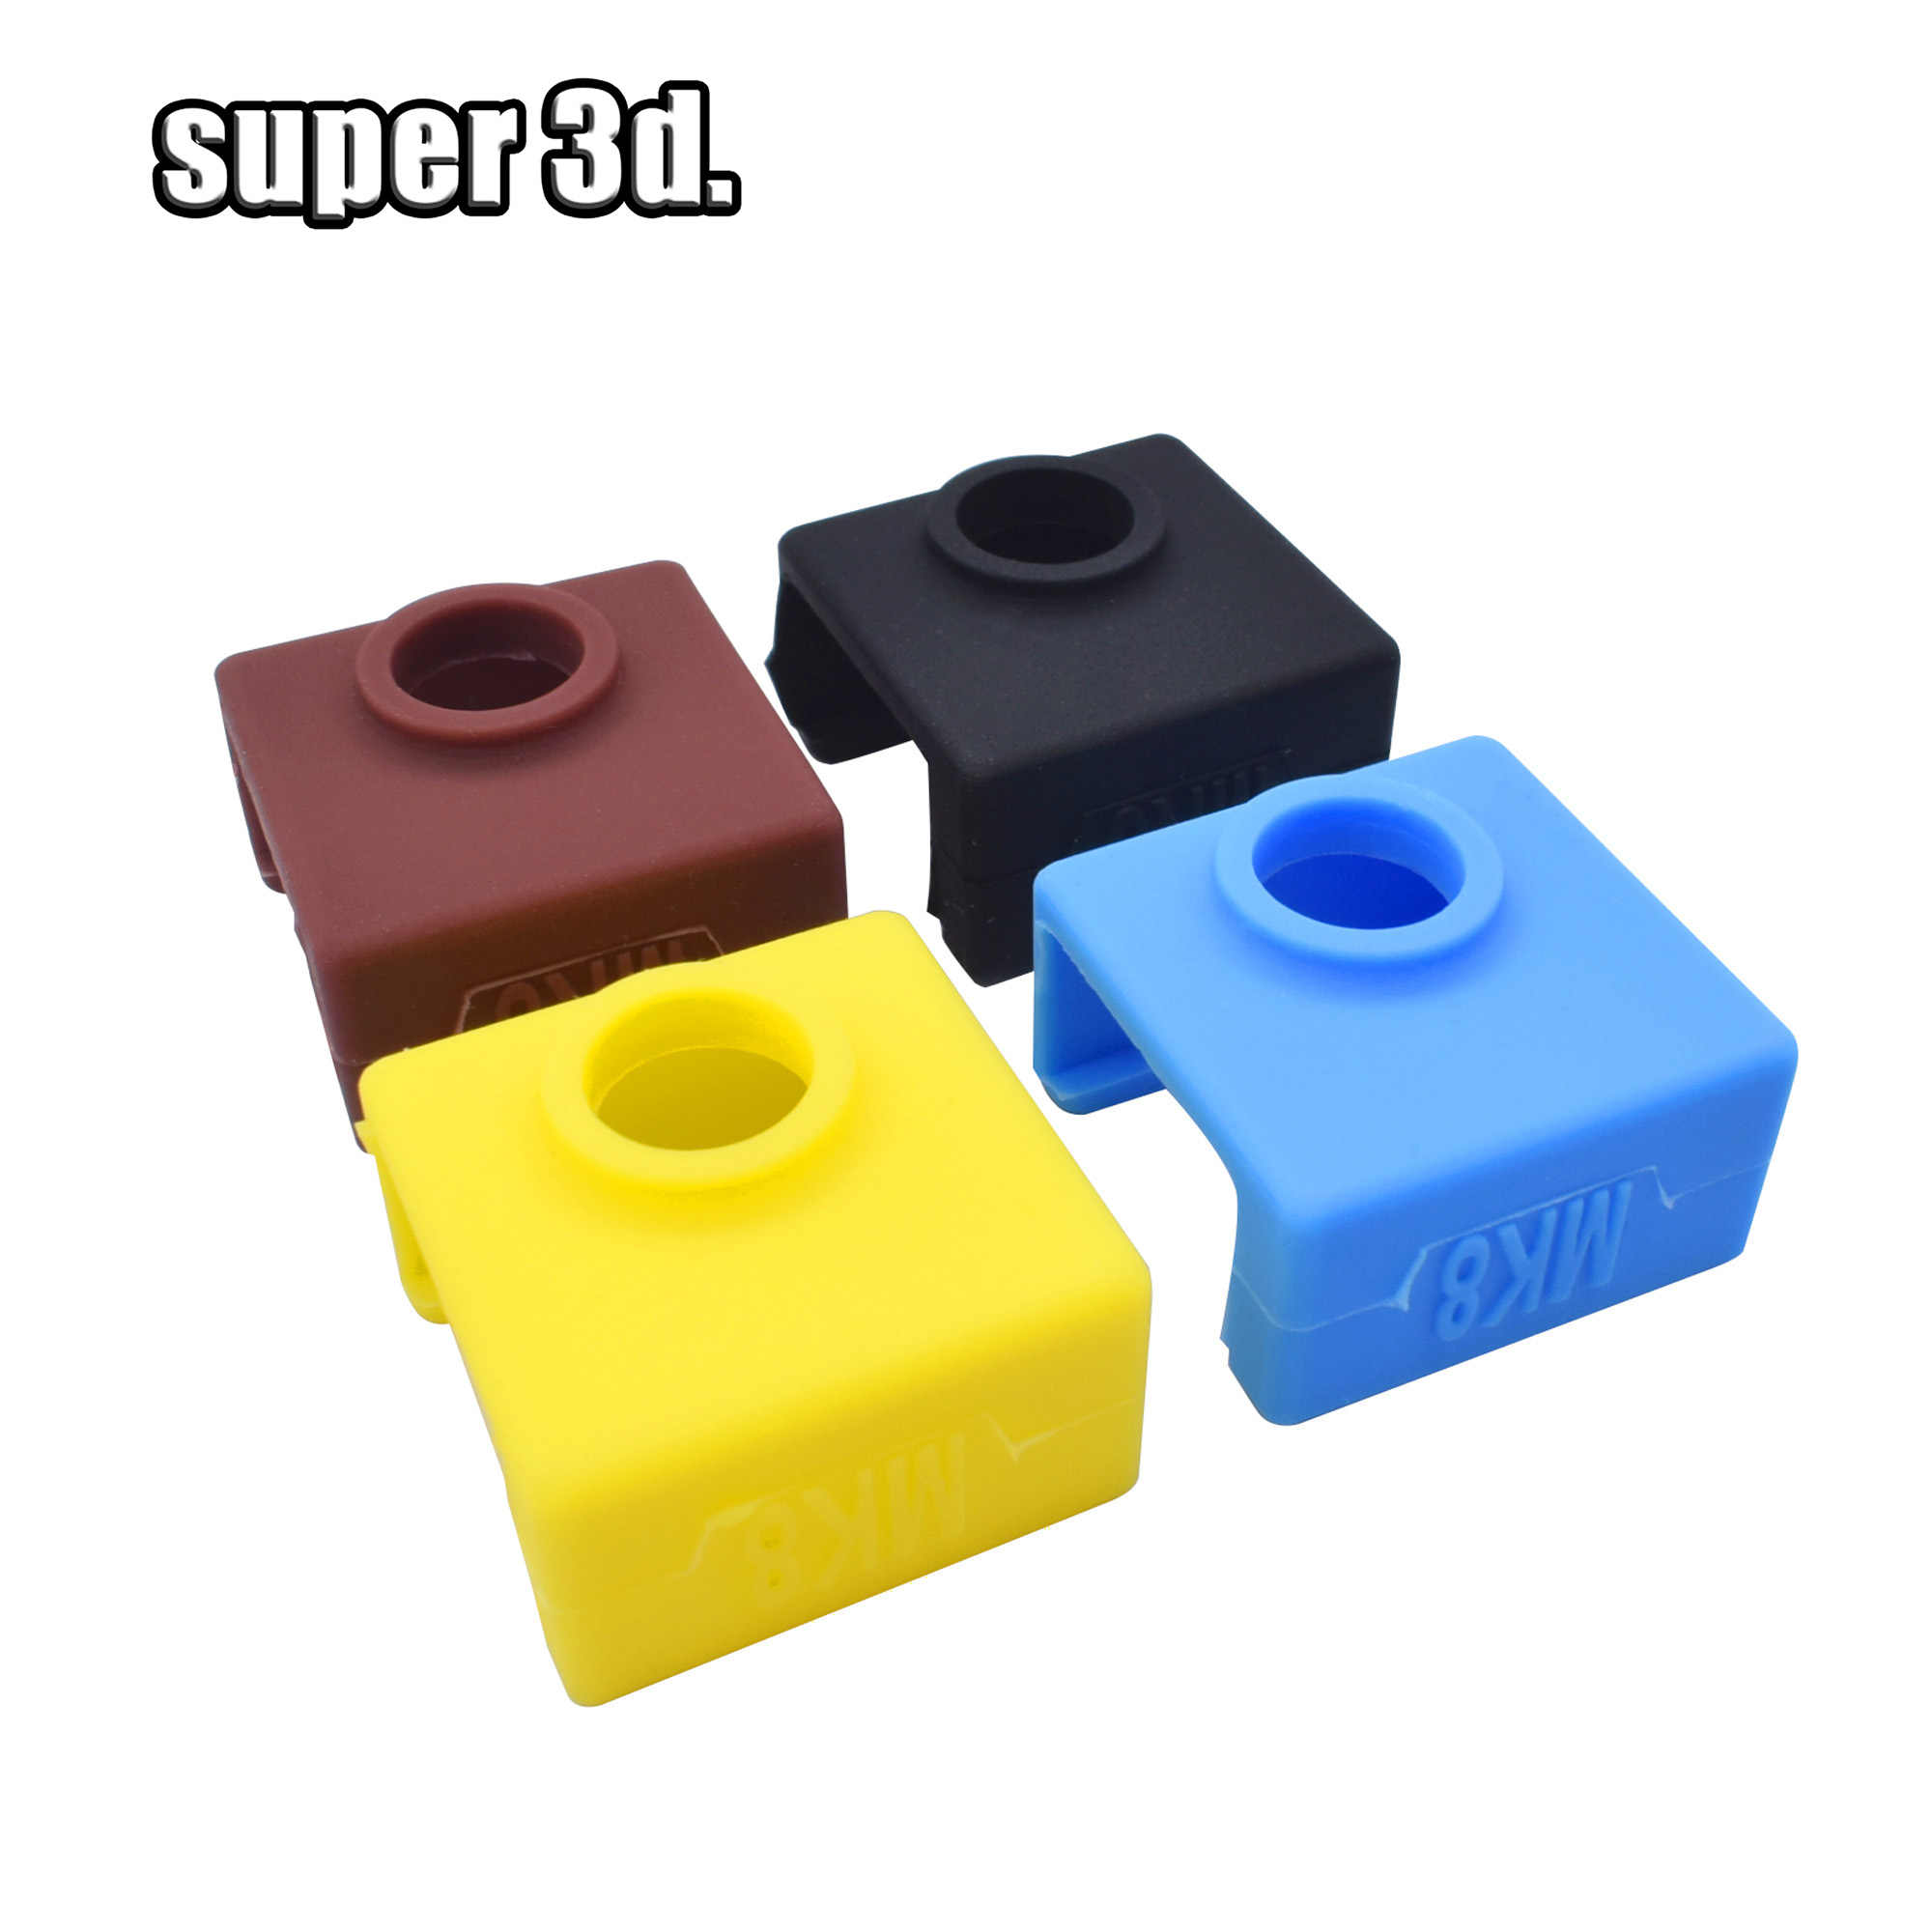 Impresora 3D V5/V6, funda protectora de silicona con aislamiento de calcetín para bloque de calentador MK8 / MK10 /MK9, funda de silicona con extremo caliente